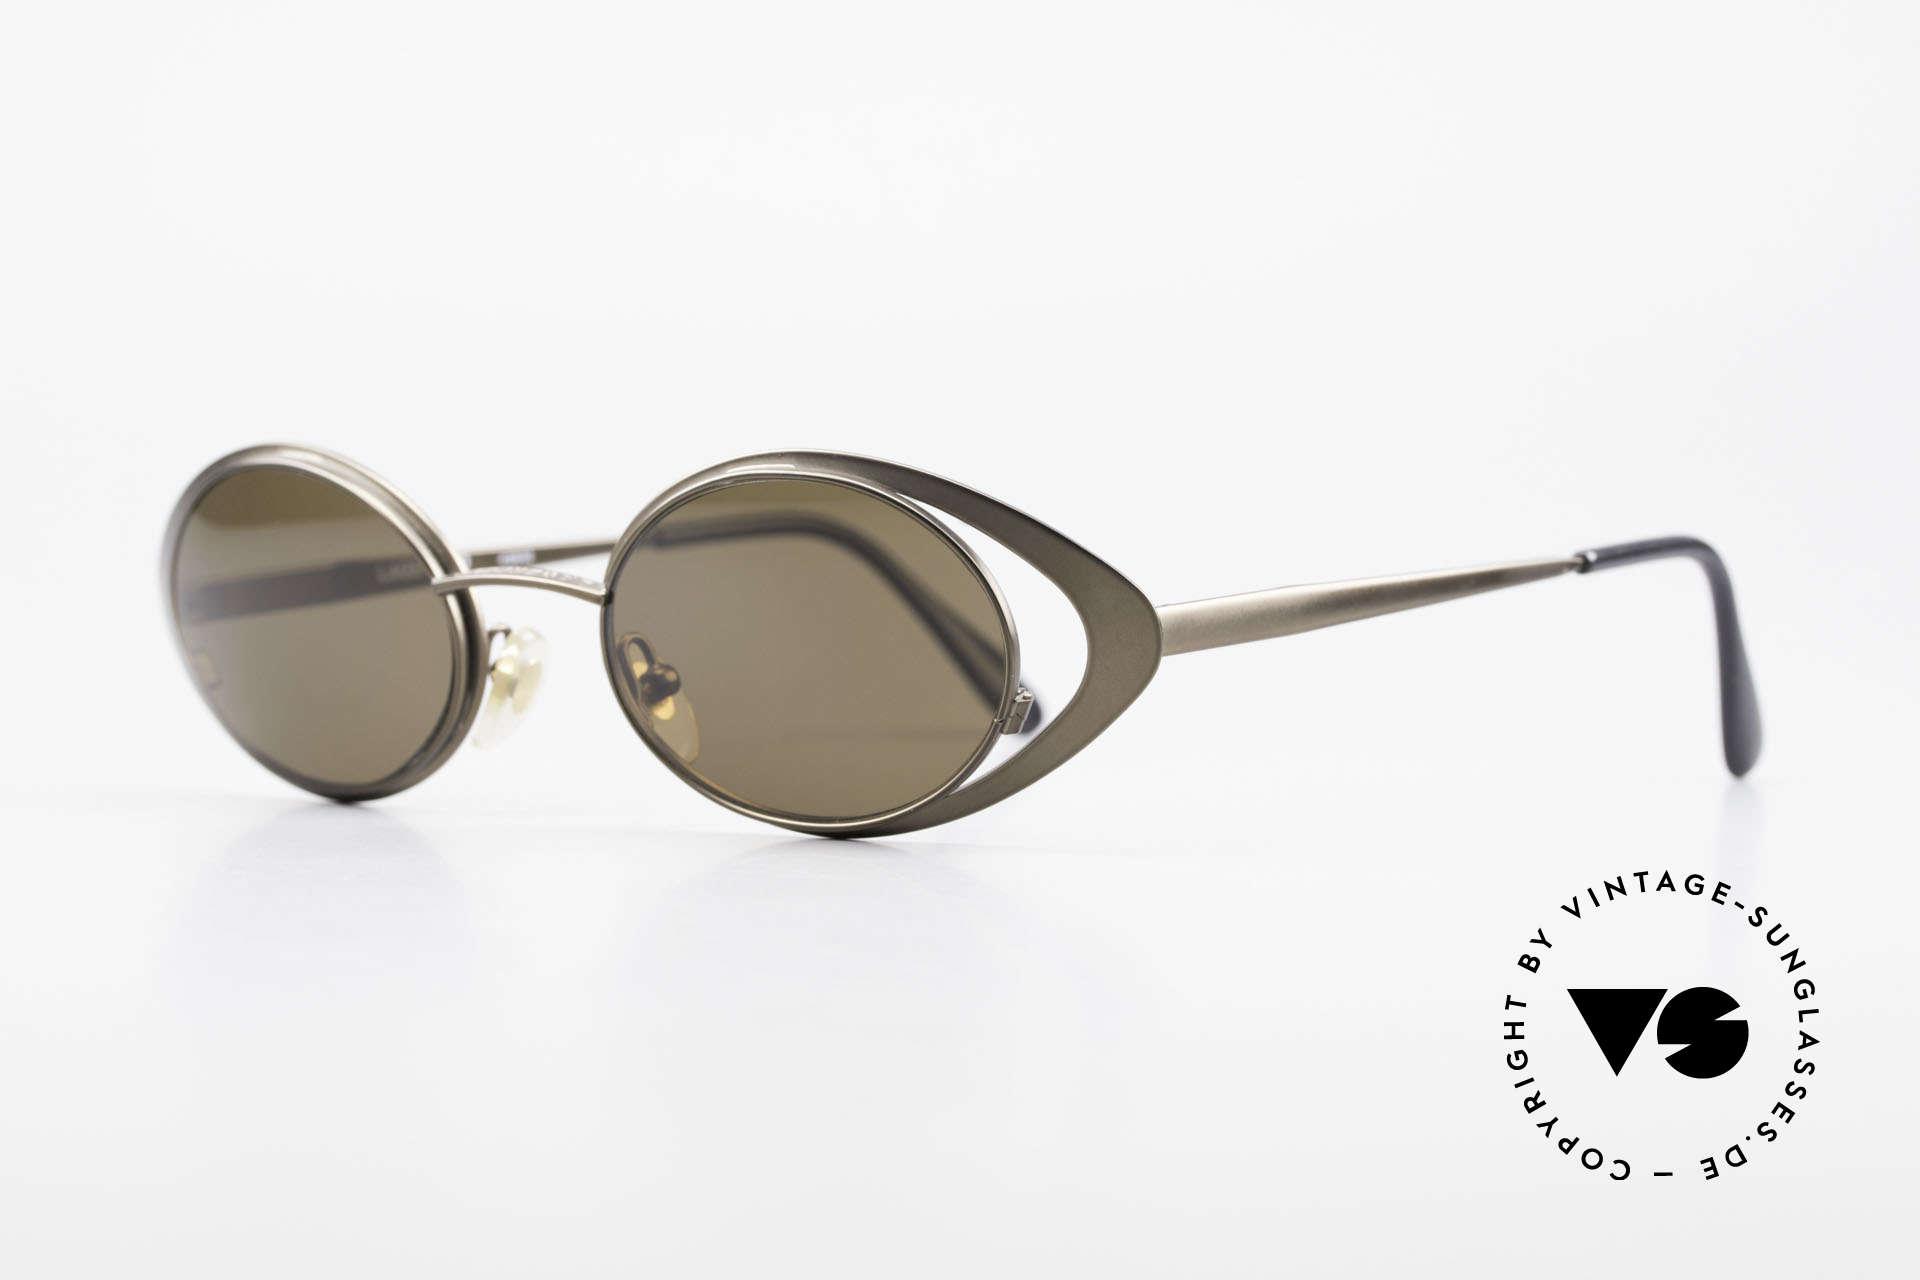 Karl Lagerfeld 4136 True Vintage Brille Oval 90er, wie aus einem Stück geschmiedet (muss man fühlen), Passend für Damen